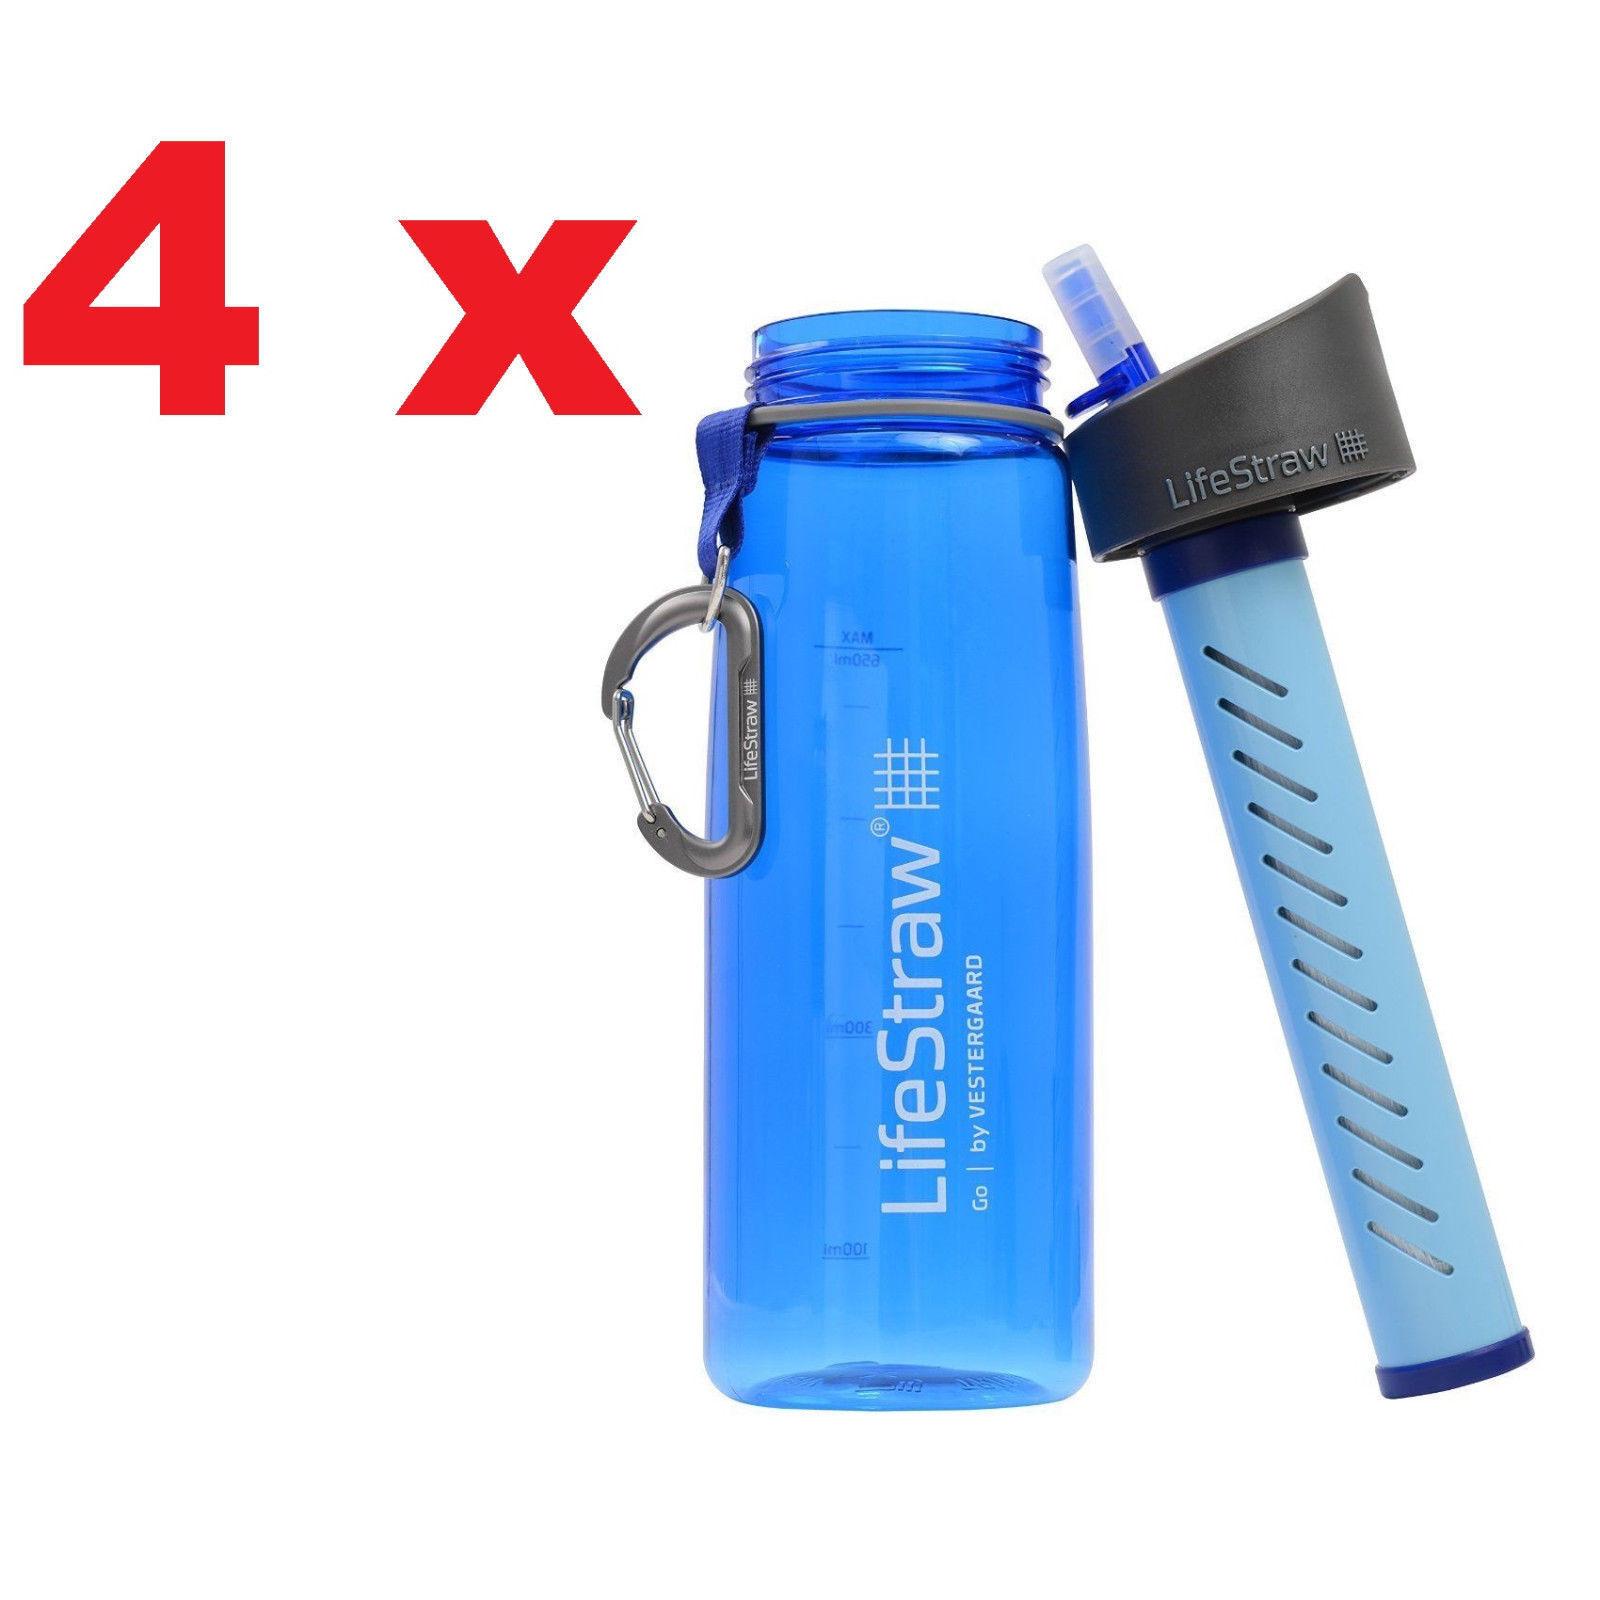 4X Original Vestergaard Go botella filtro de agua al aire libre portátil paja de vida libre de BPA